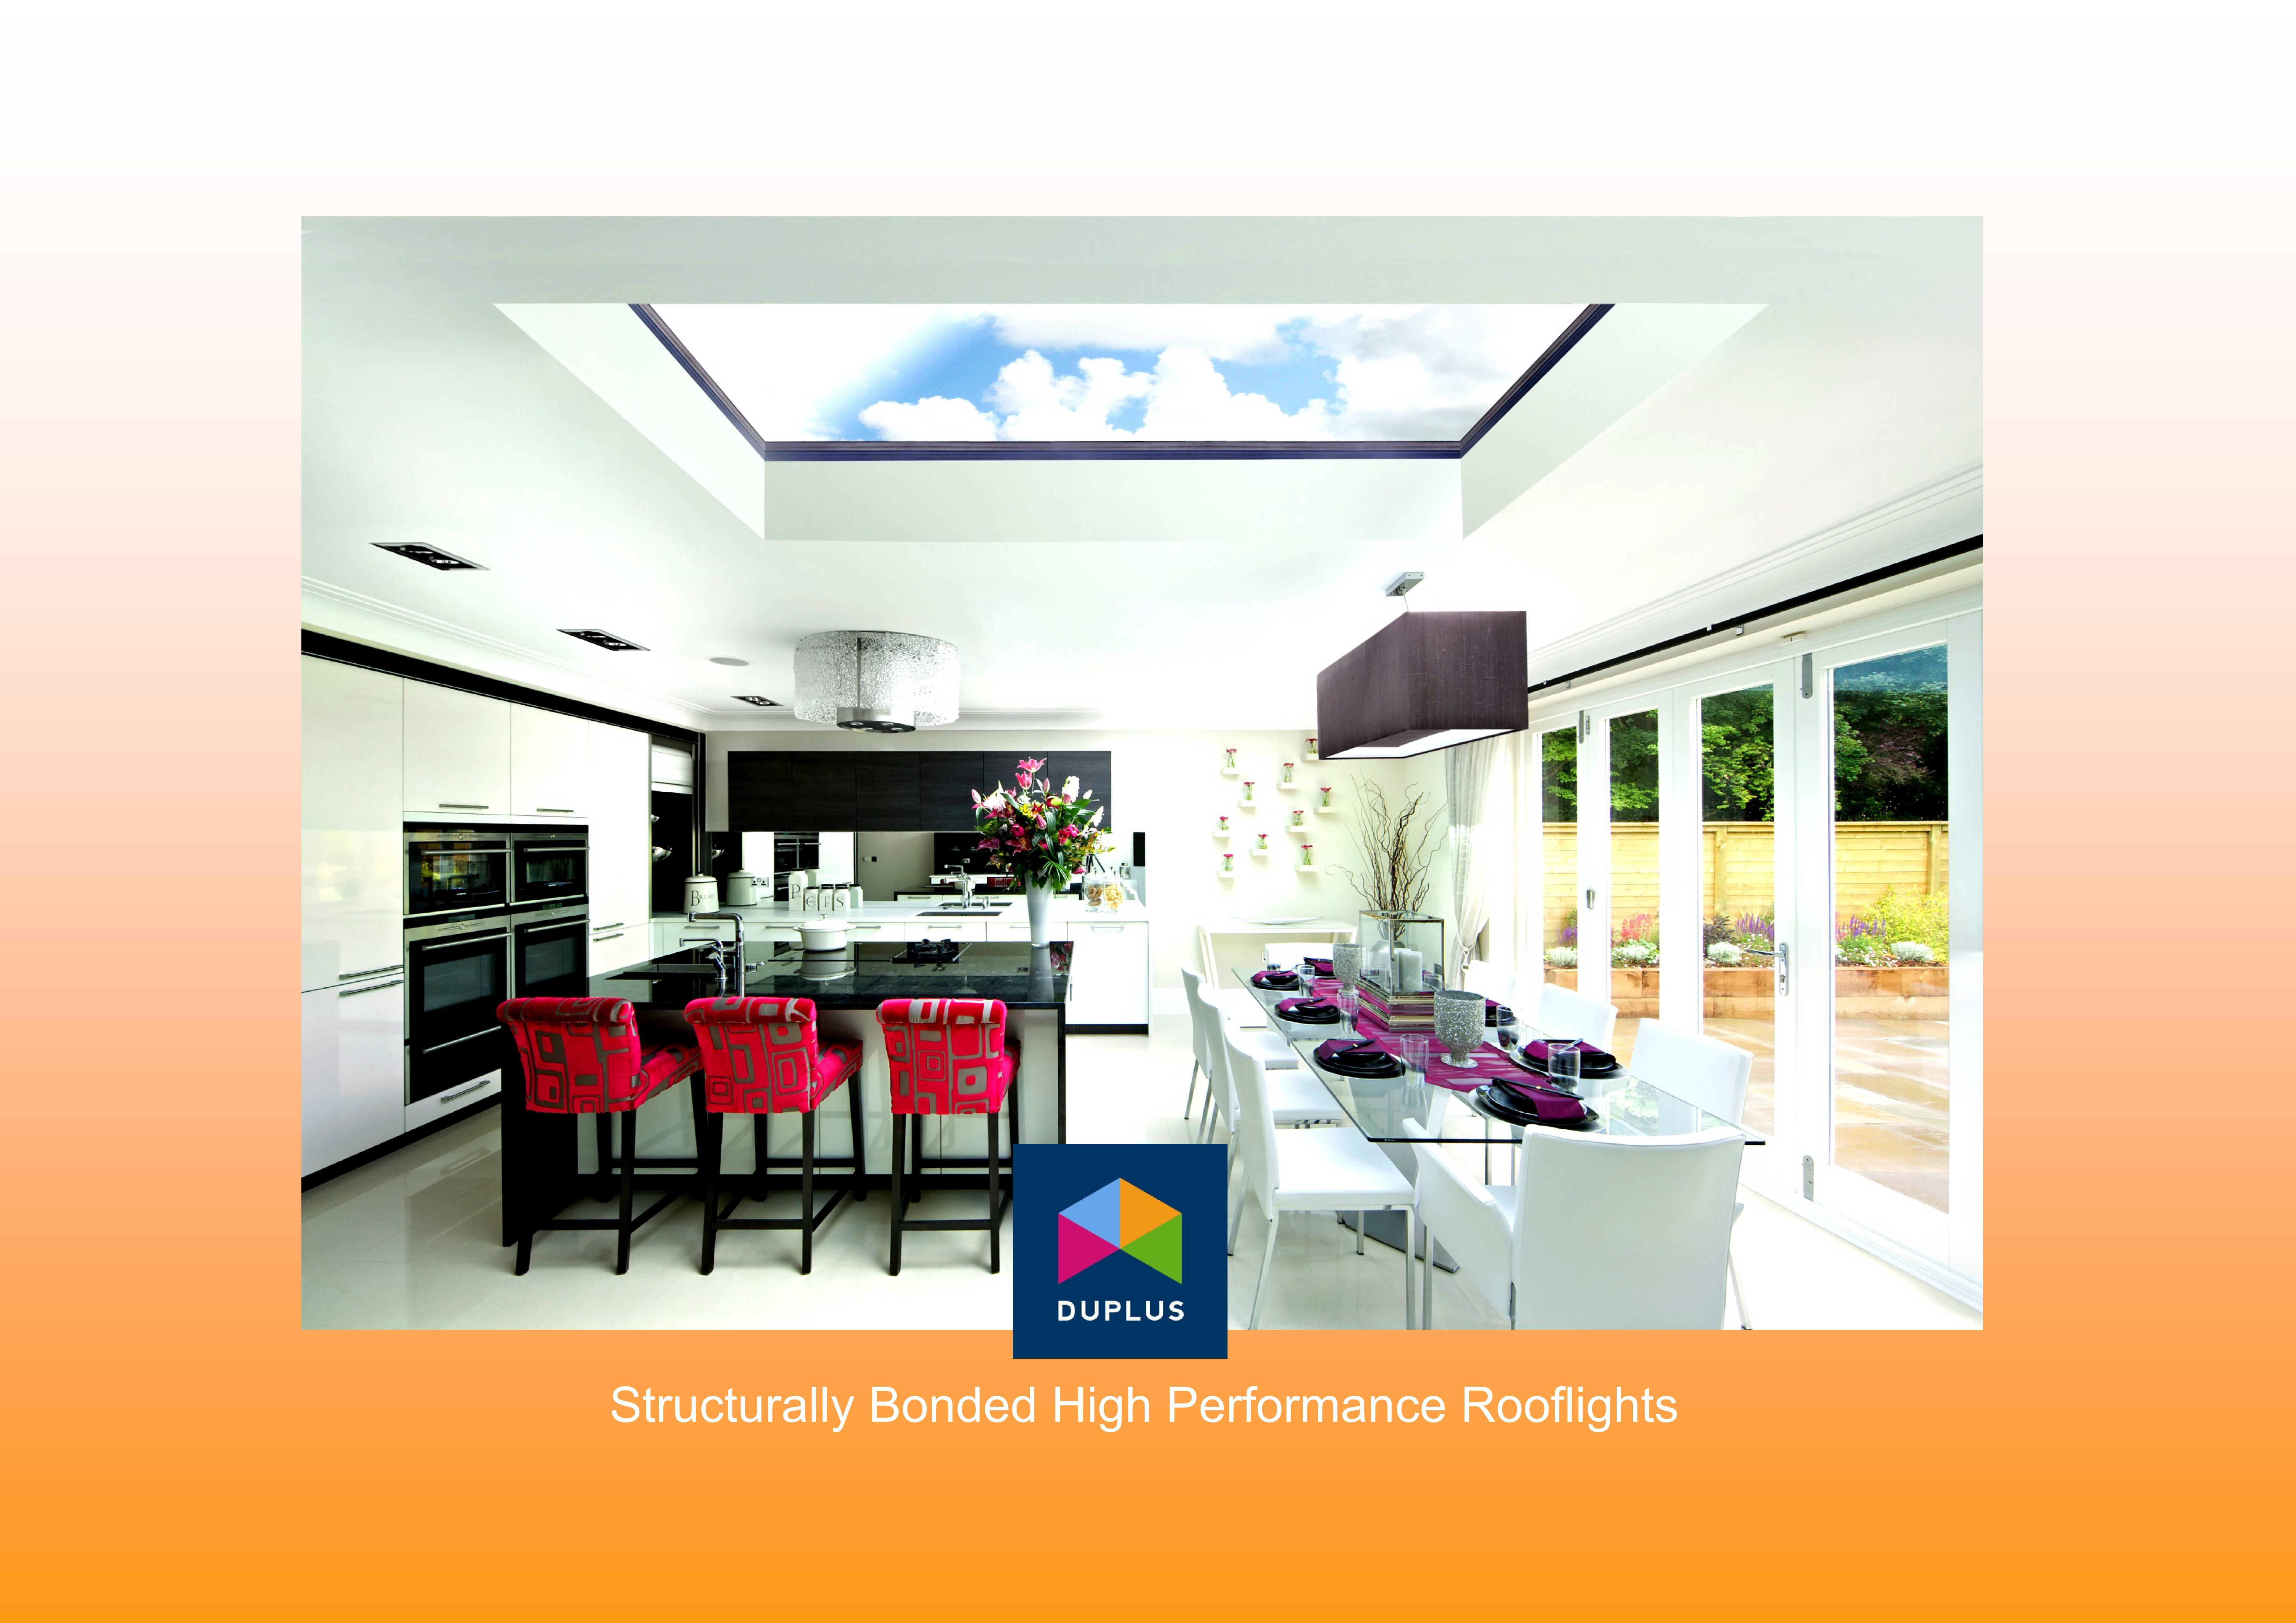 duplus rooflight brochure